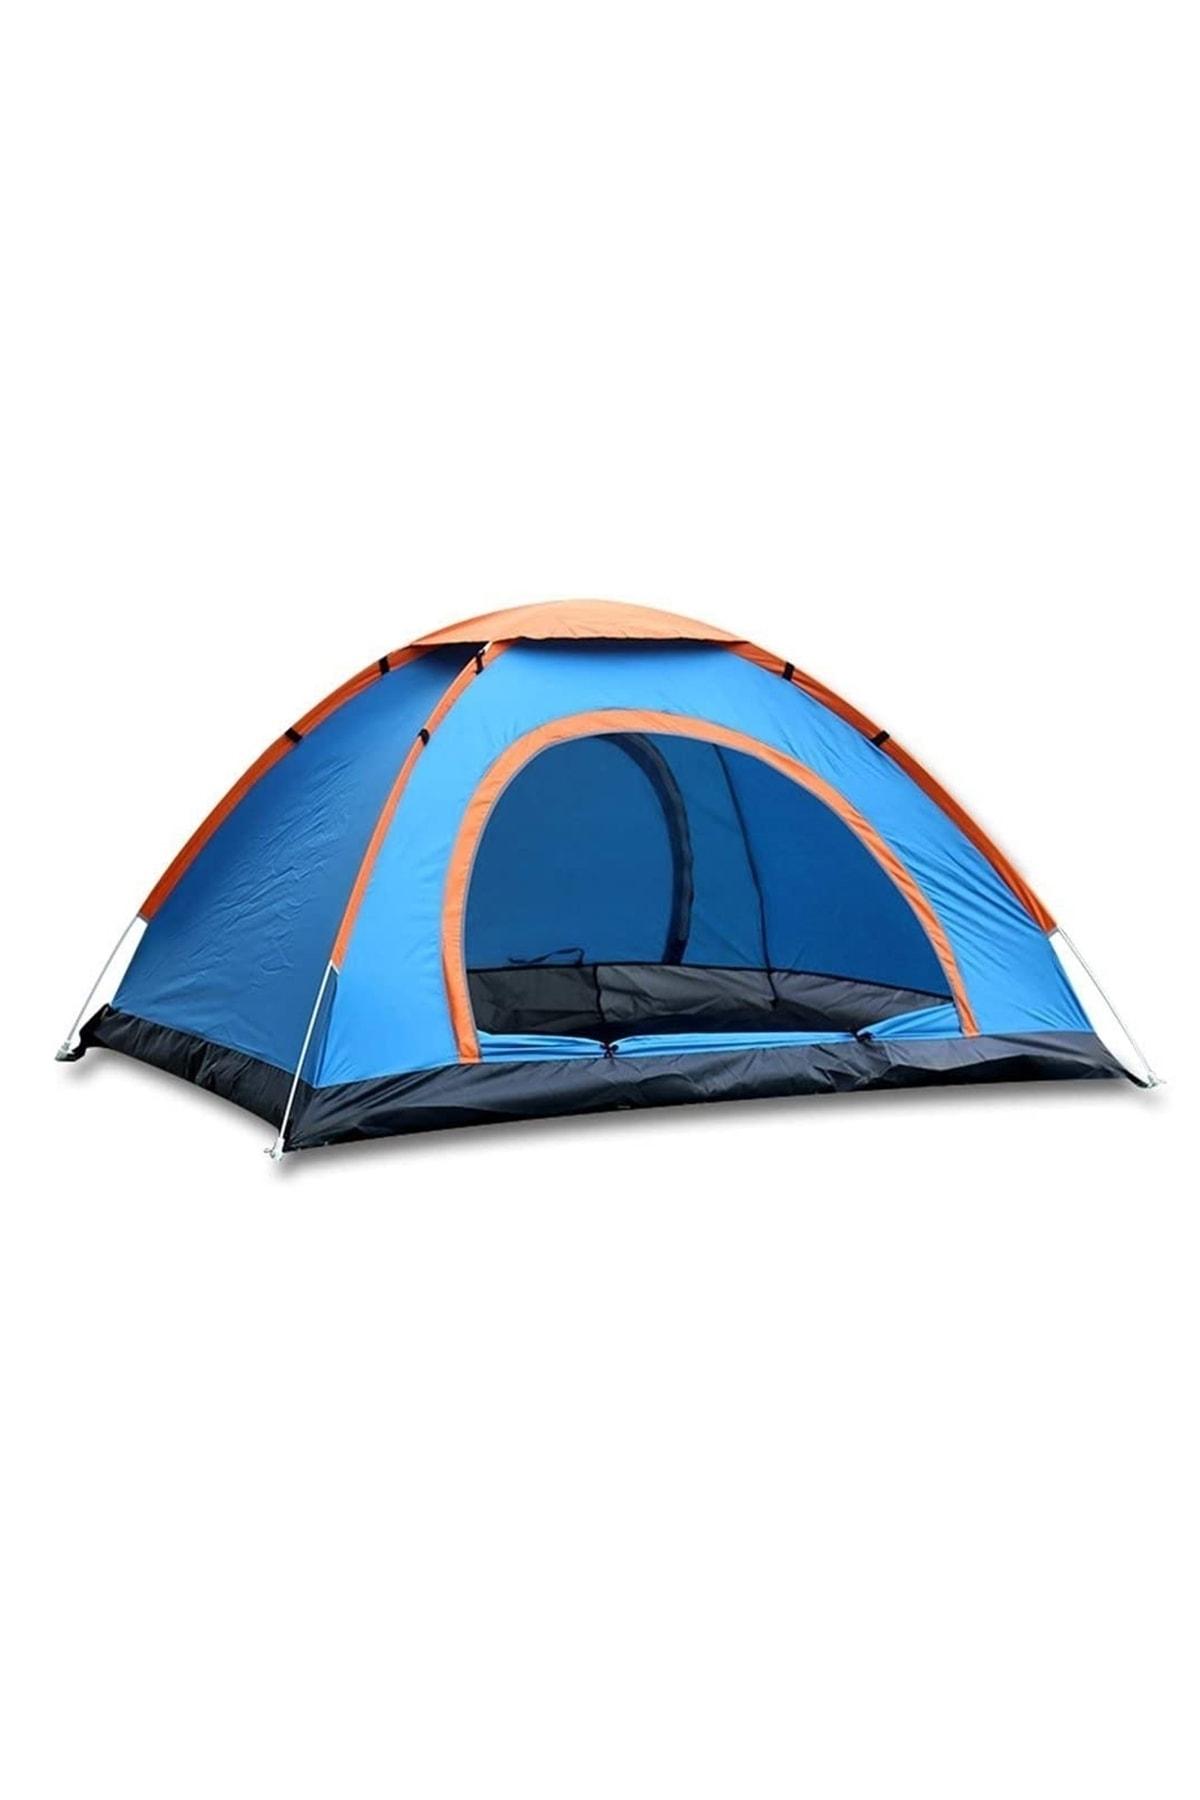 8 Kişilik Su Geçirmez Kaliteli Kamp Çadırı 300x220x170 Cm